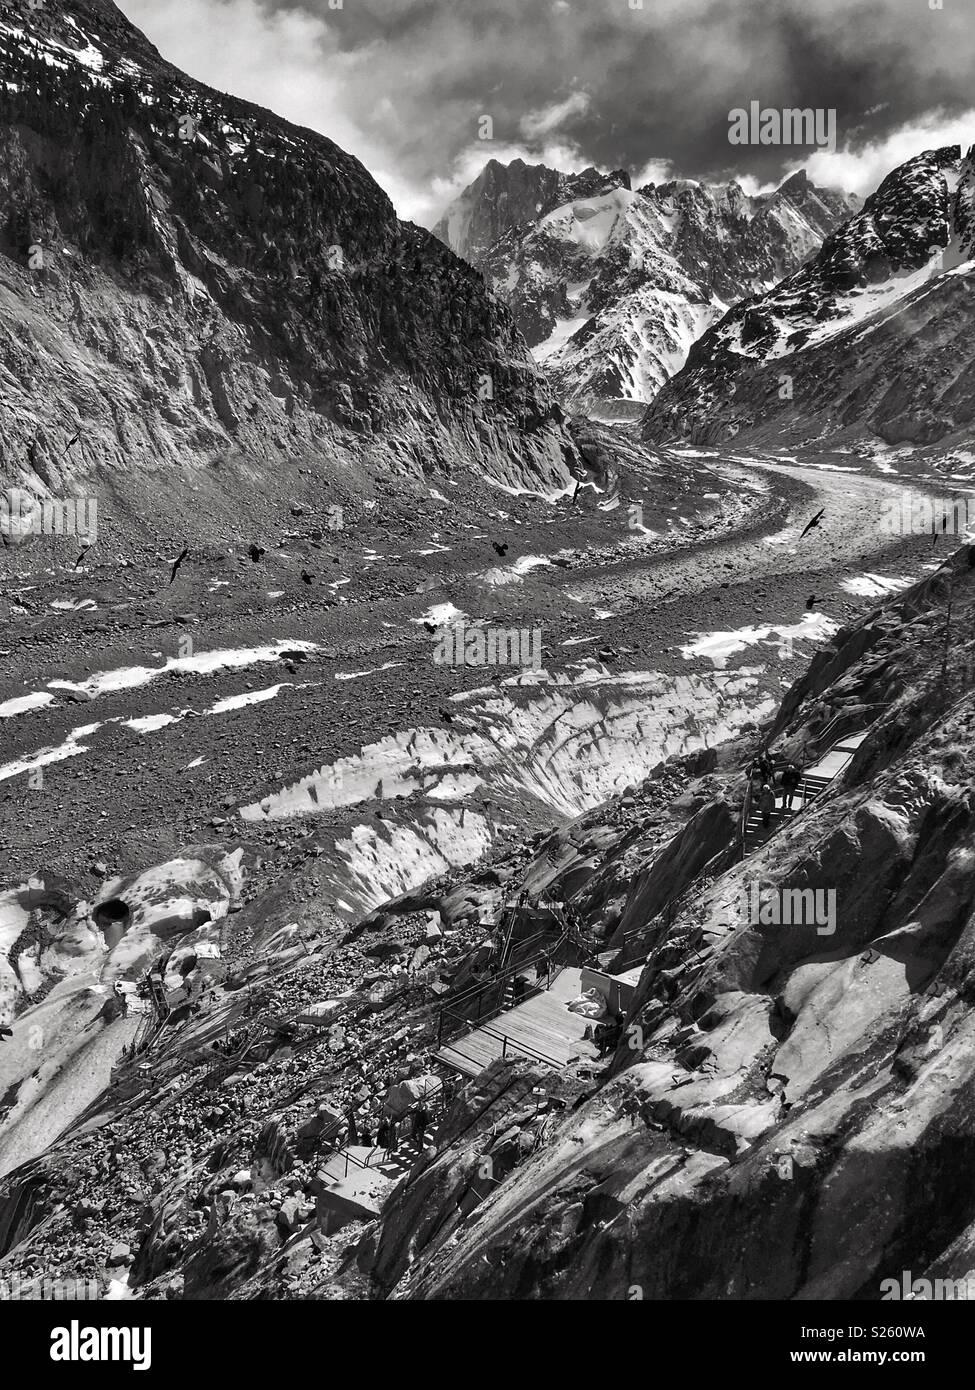 Mer de Glace nelle Alpi francesi Immagini Stock